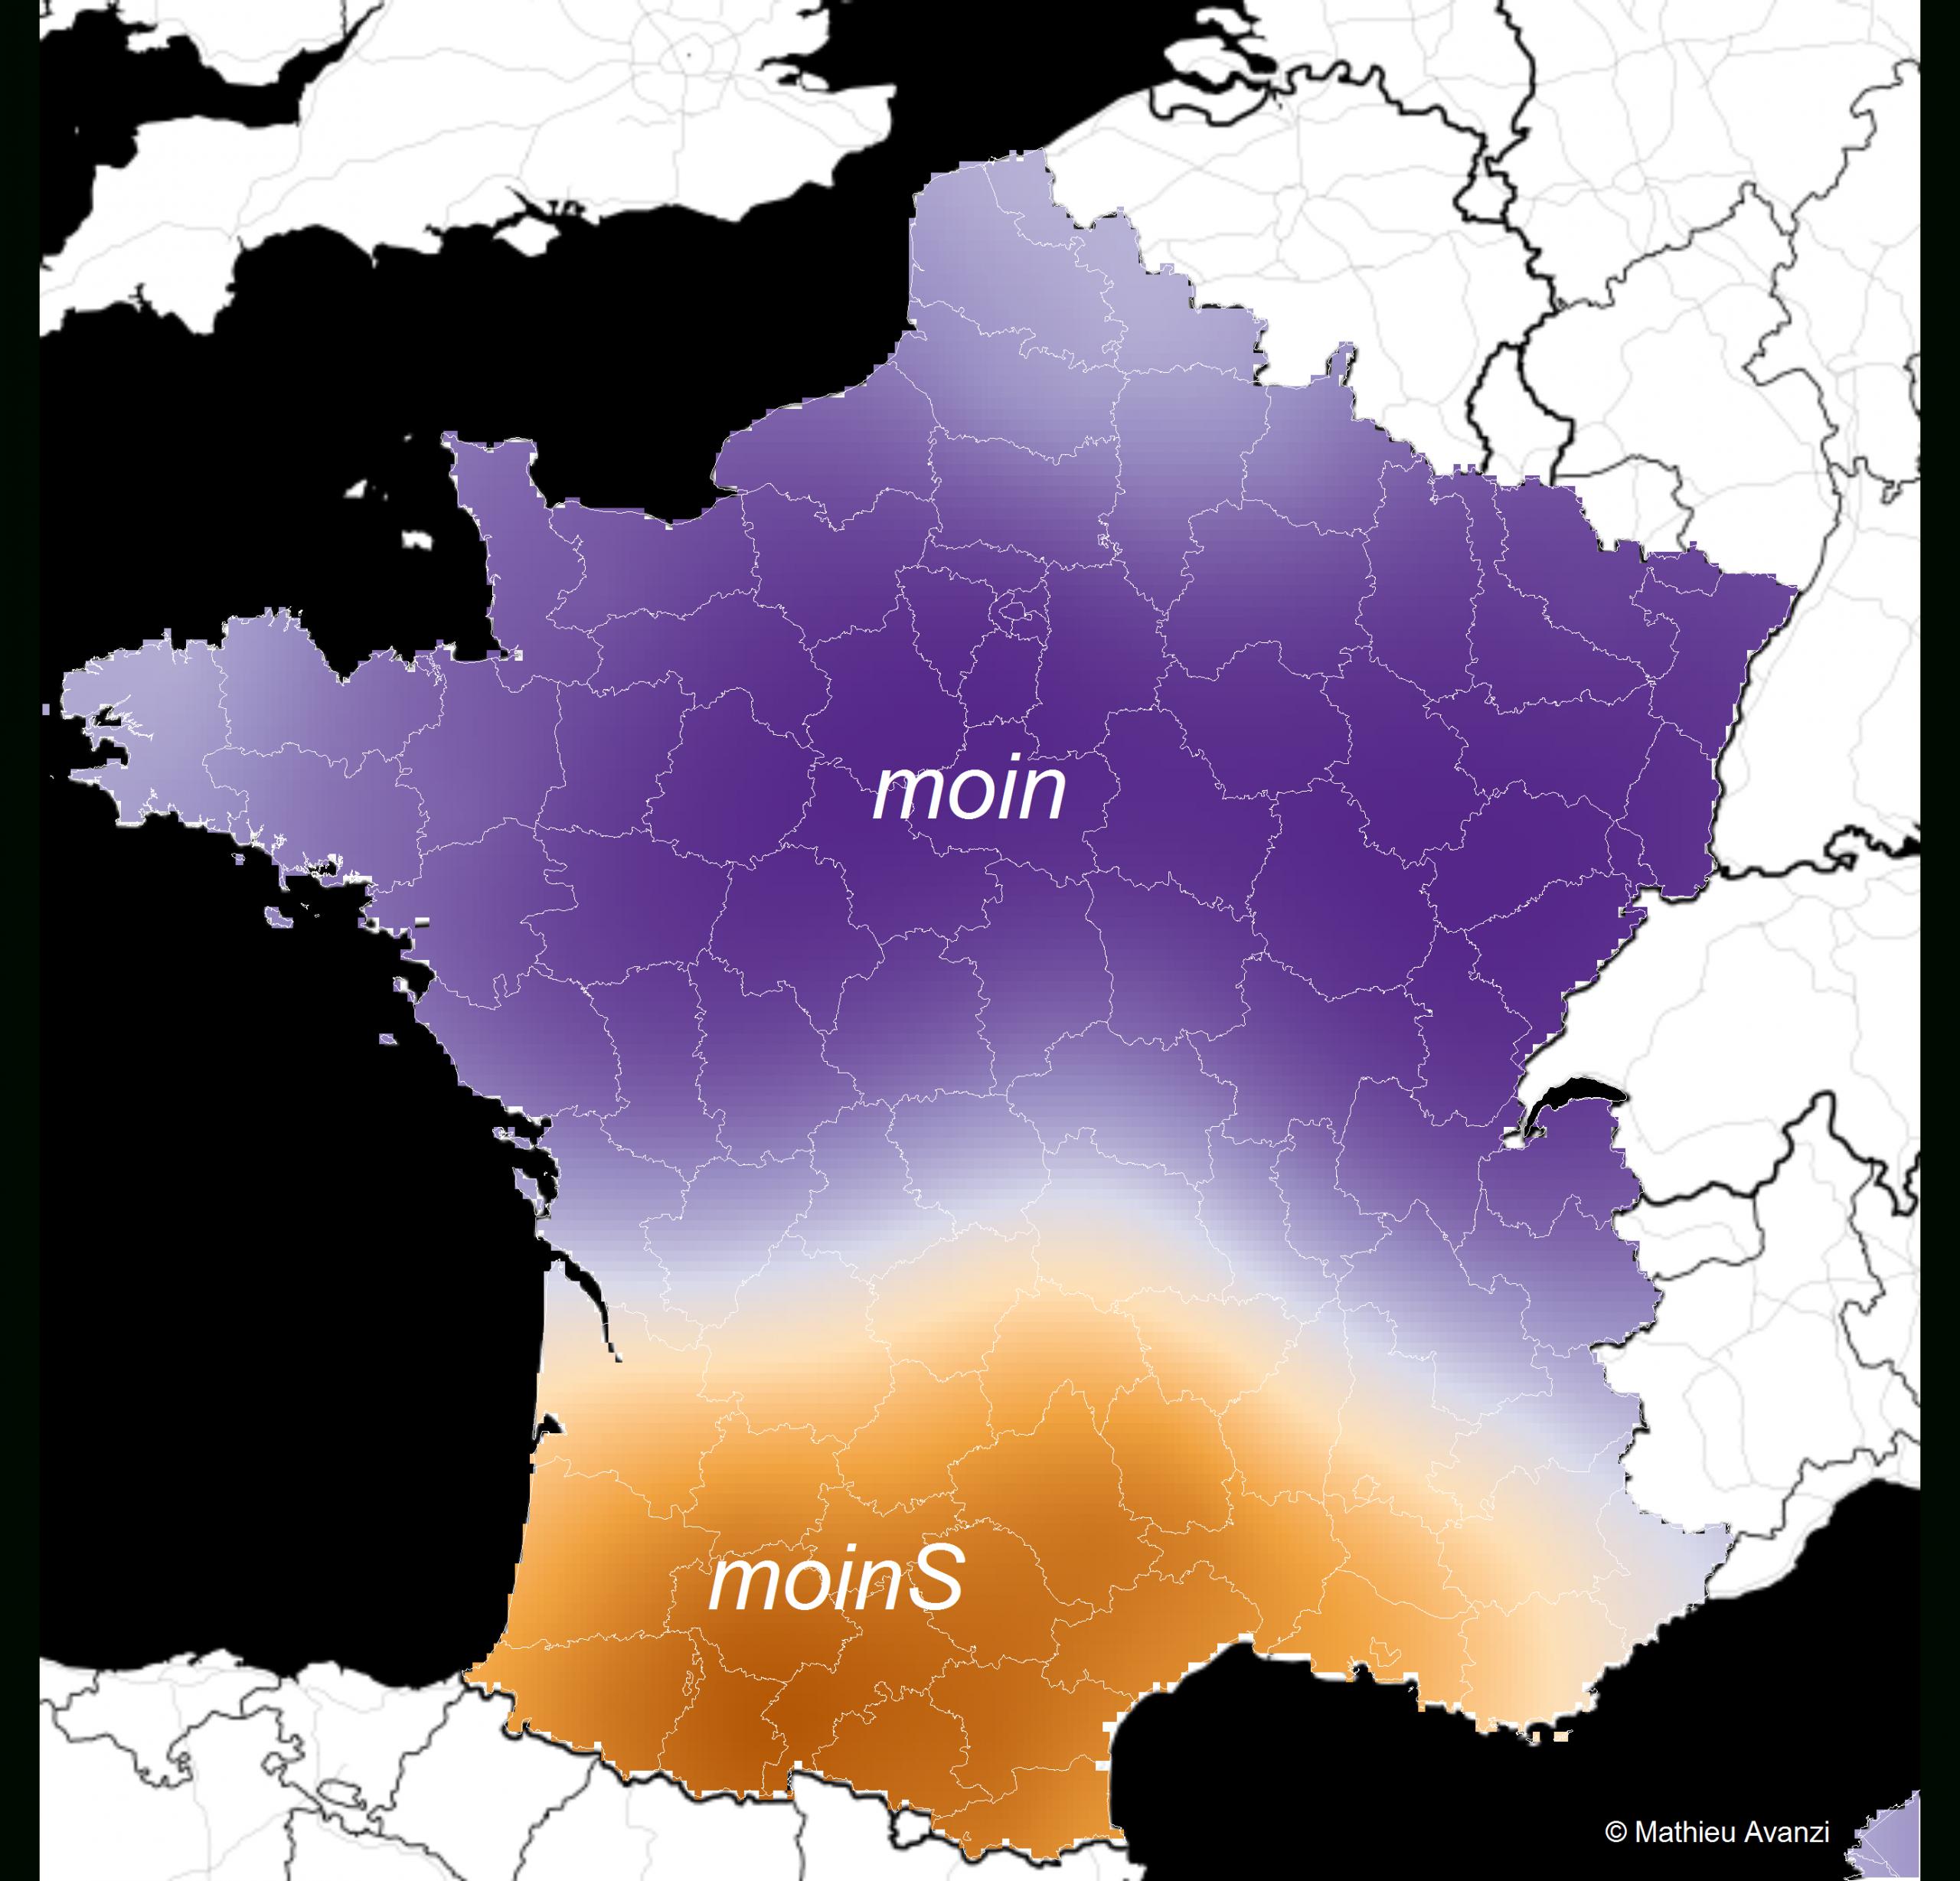 Ces Mots Qui Ne Se Prononcent Pas De La Même Façon D'un Bout dedans Nouvelles Régions De France 2017